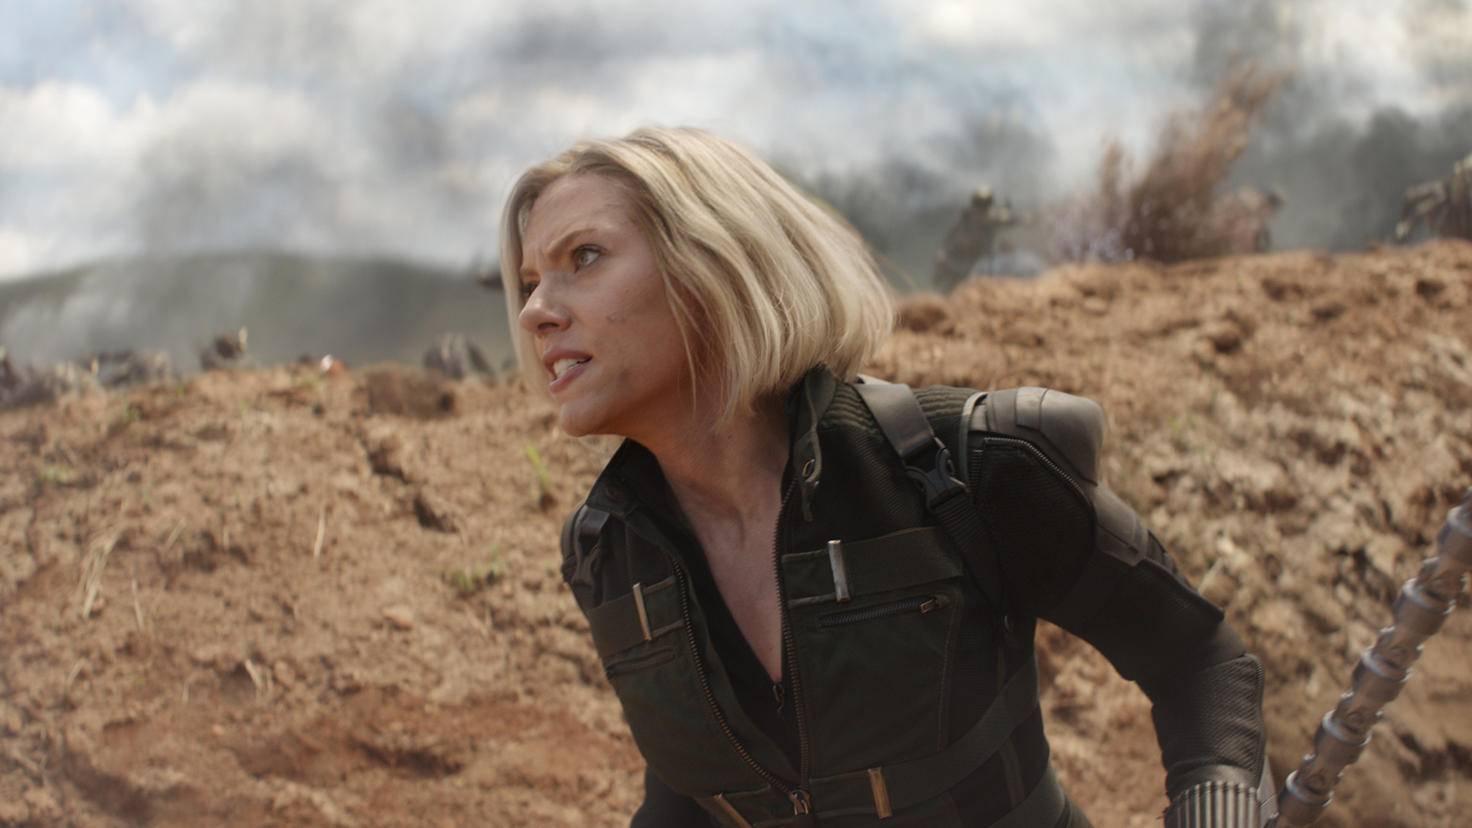 Frau für's Grobe: In einem ordentlichen Black-Widow-Game machen wir uns die Hände in gefährlichen Geheim-Missionen schmutzig.